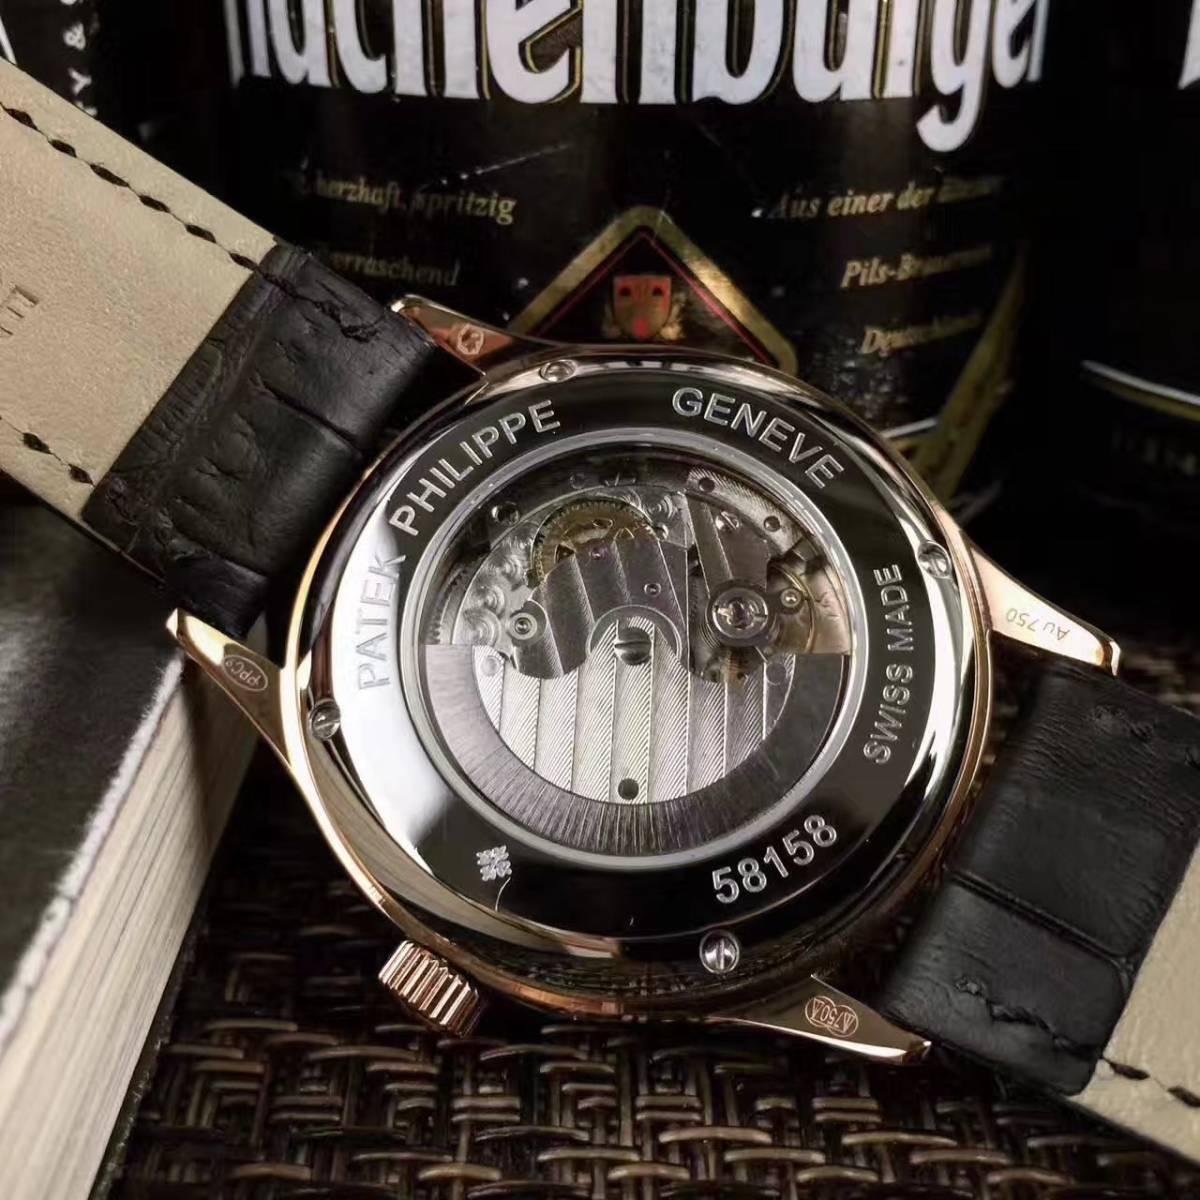 新品 パテックフィリップ 男性用腕時計 メンズ Patek Philippe 自動巻き ステンレス_画像3